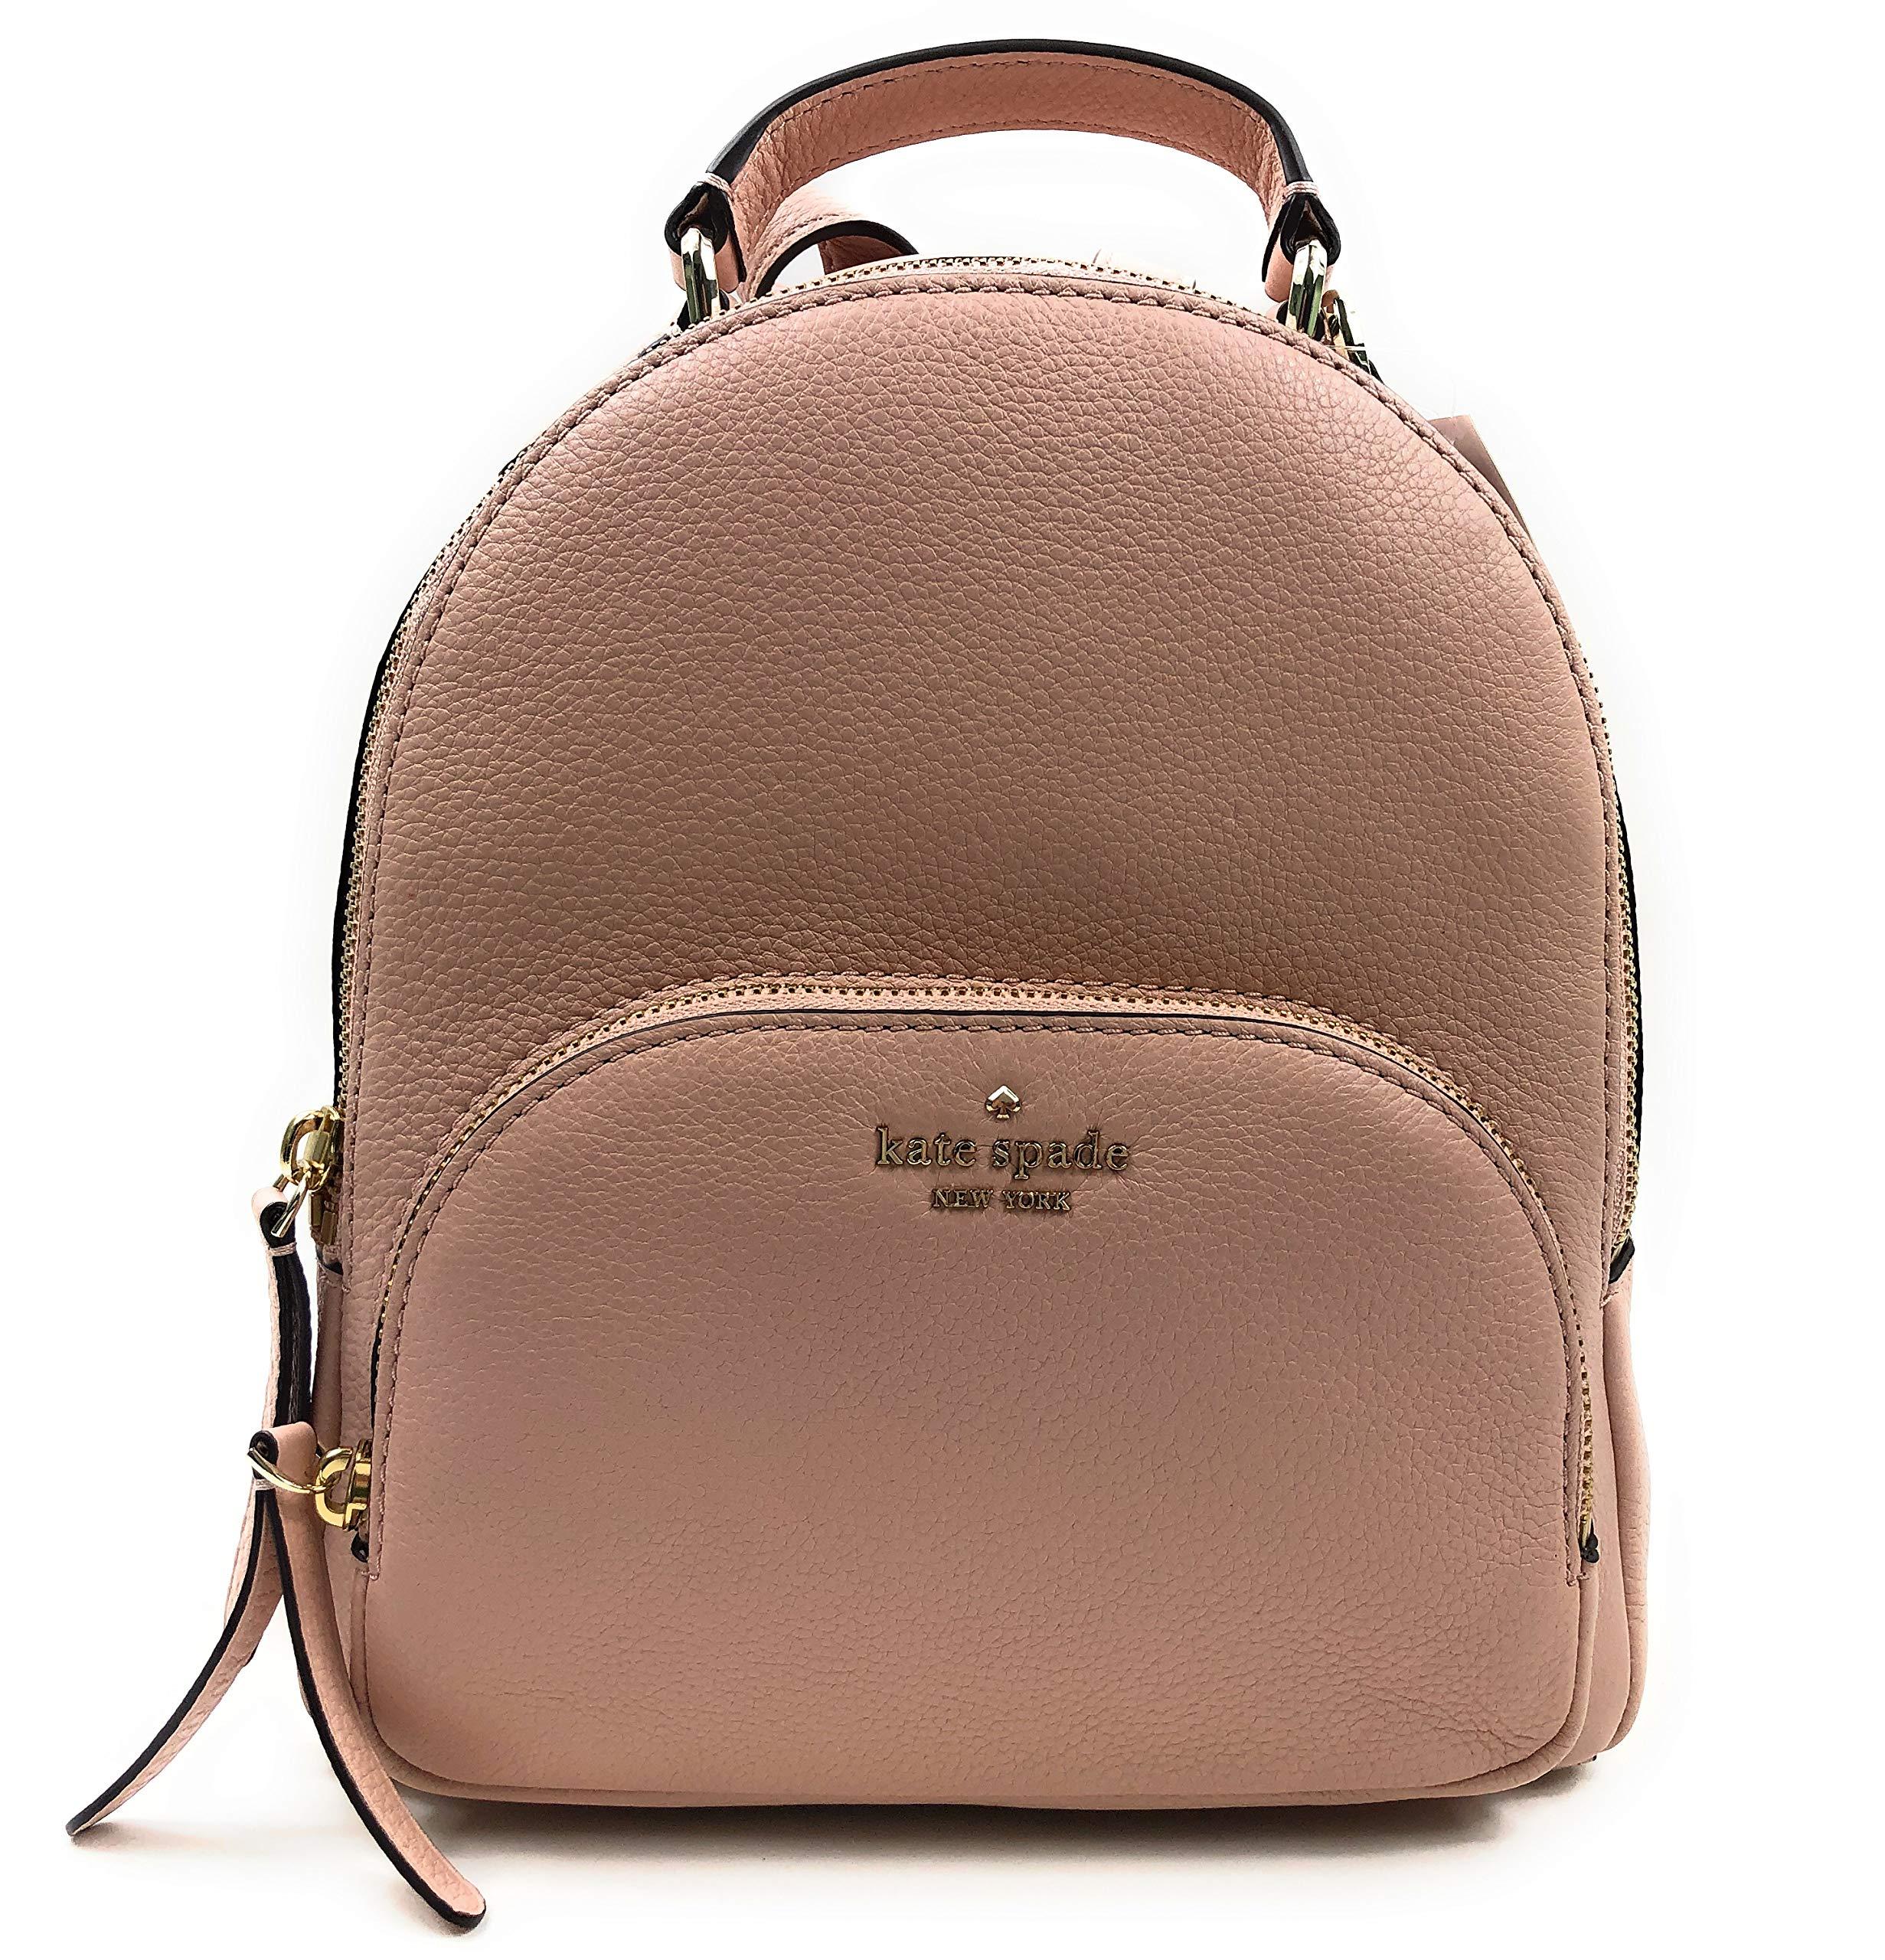 Kate Spade New York Jackson Medium Backpack Pebbled Leather Warmvellum